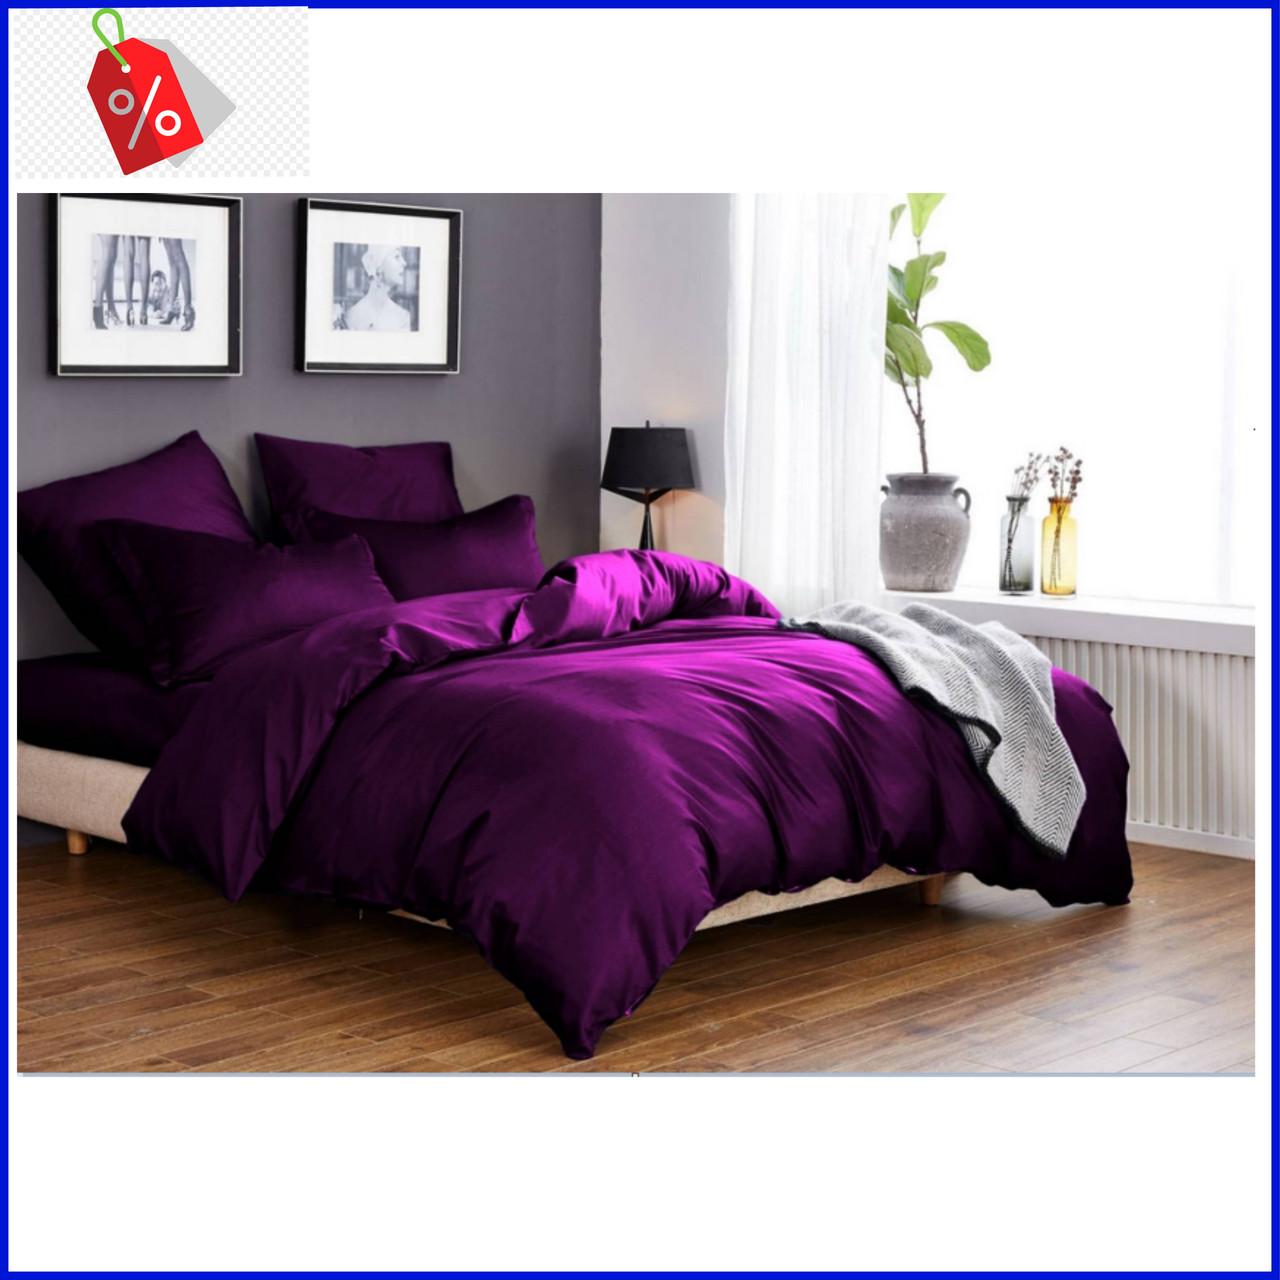 """Постельное белье двуспальный модный практичный качественный комплект из Бязи """"Голд"""" Ранфорс Фиолетовый."""